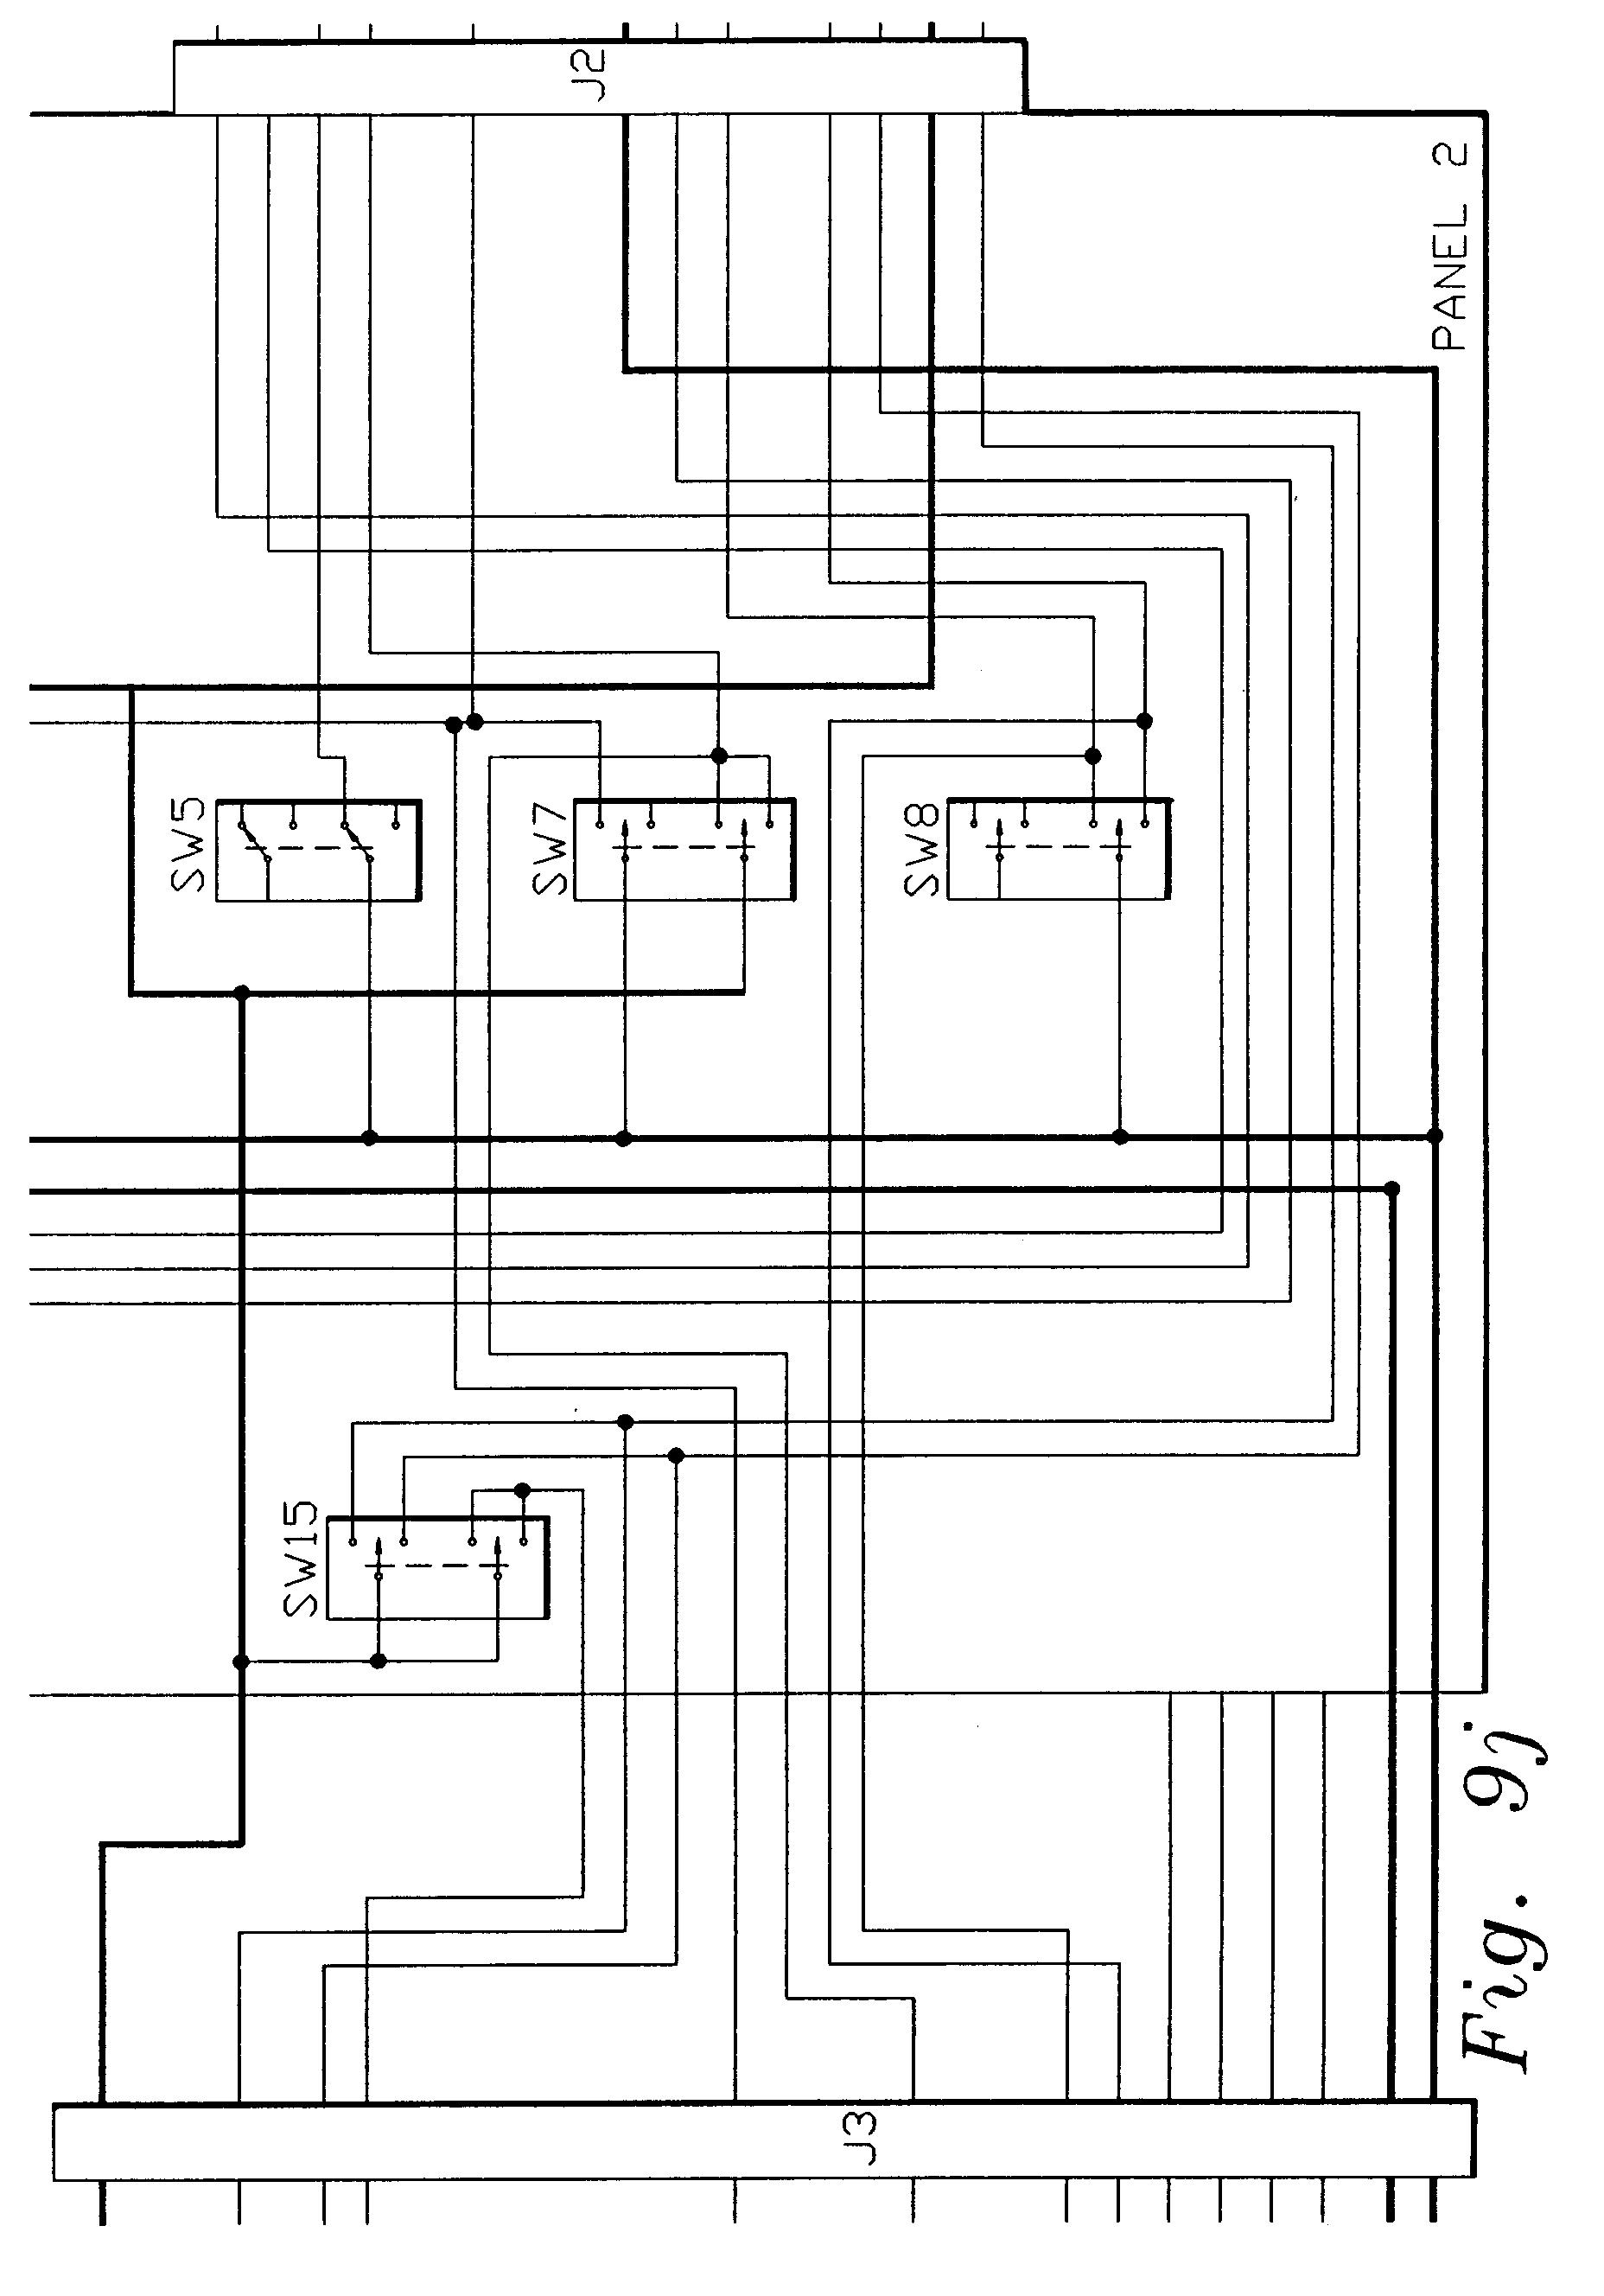 patent ep0586999a2 regler f r eine maschine besonders f r einen m hdrescher mit einem. Black Bedroom Furniture Sets. Home Design Ideas